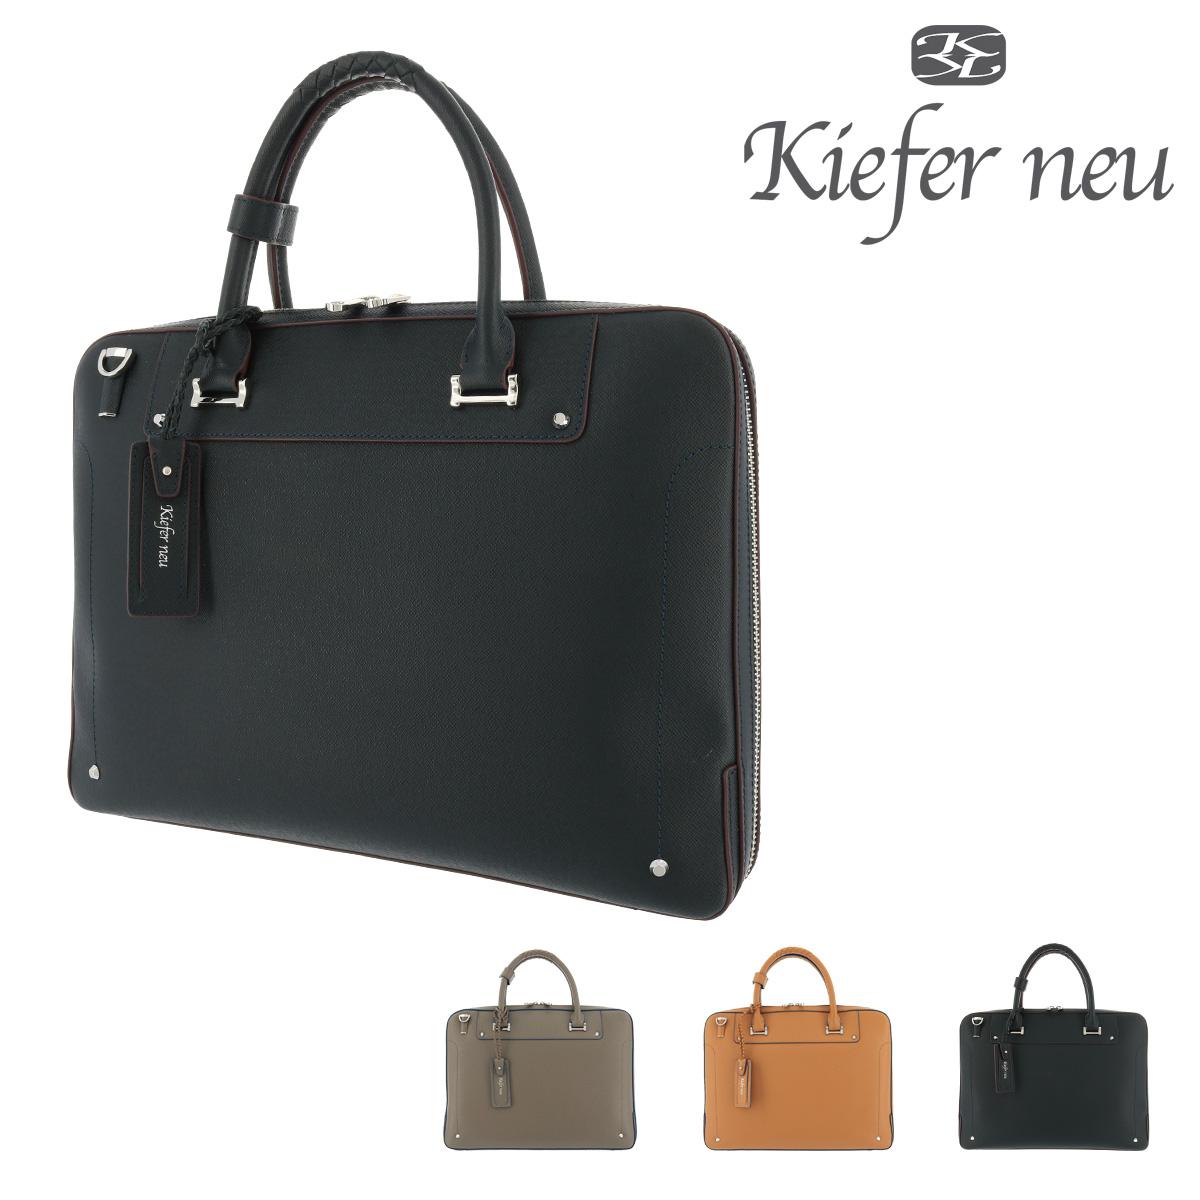 キーファーノイ ブリーフケース ソッティーレ メンズ KFN8000S Kiefer neu | レザー ラウンドファスナー 2WAY ビジネスバッグ ショルダーバッグ 牛革 A4